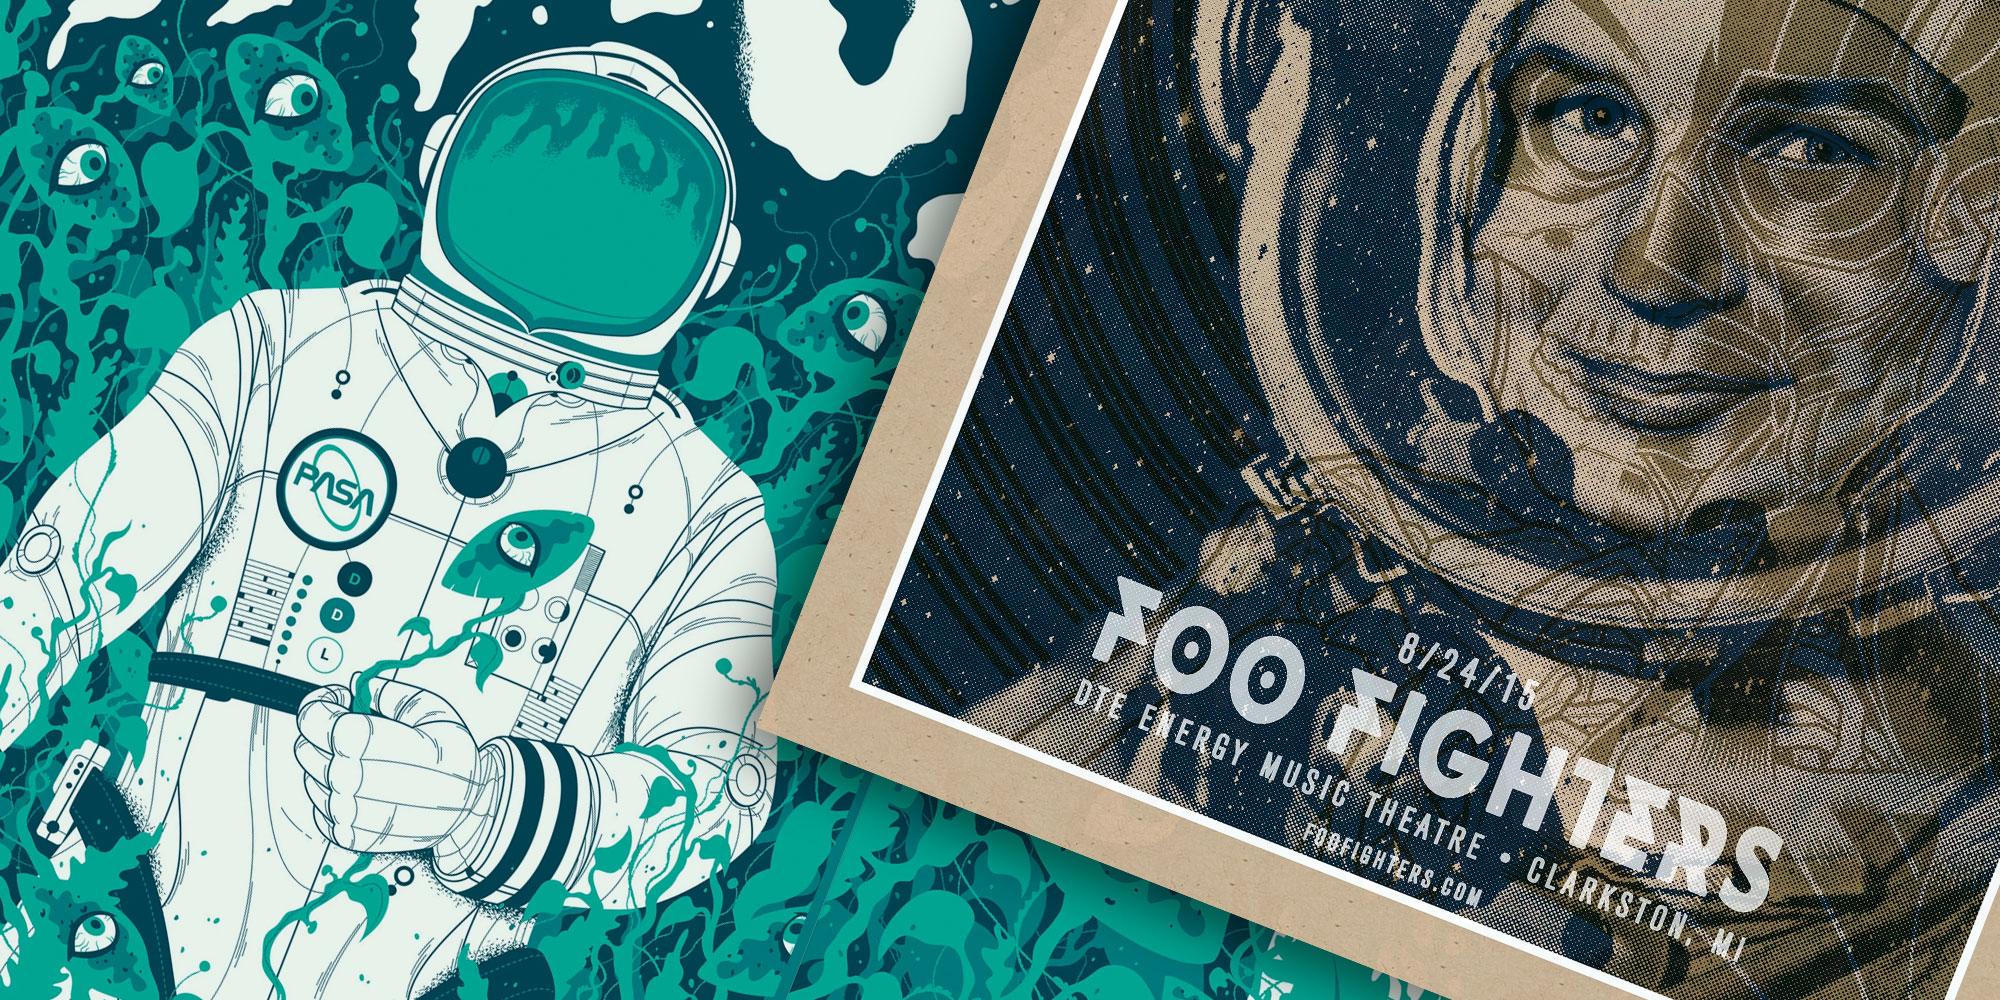 Gig Poster Design Inspiration